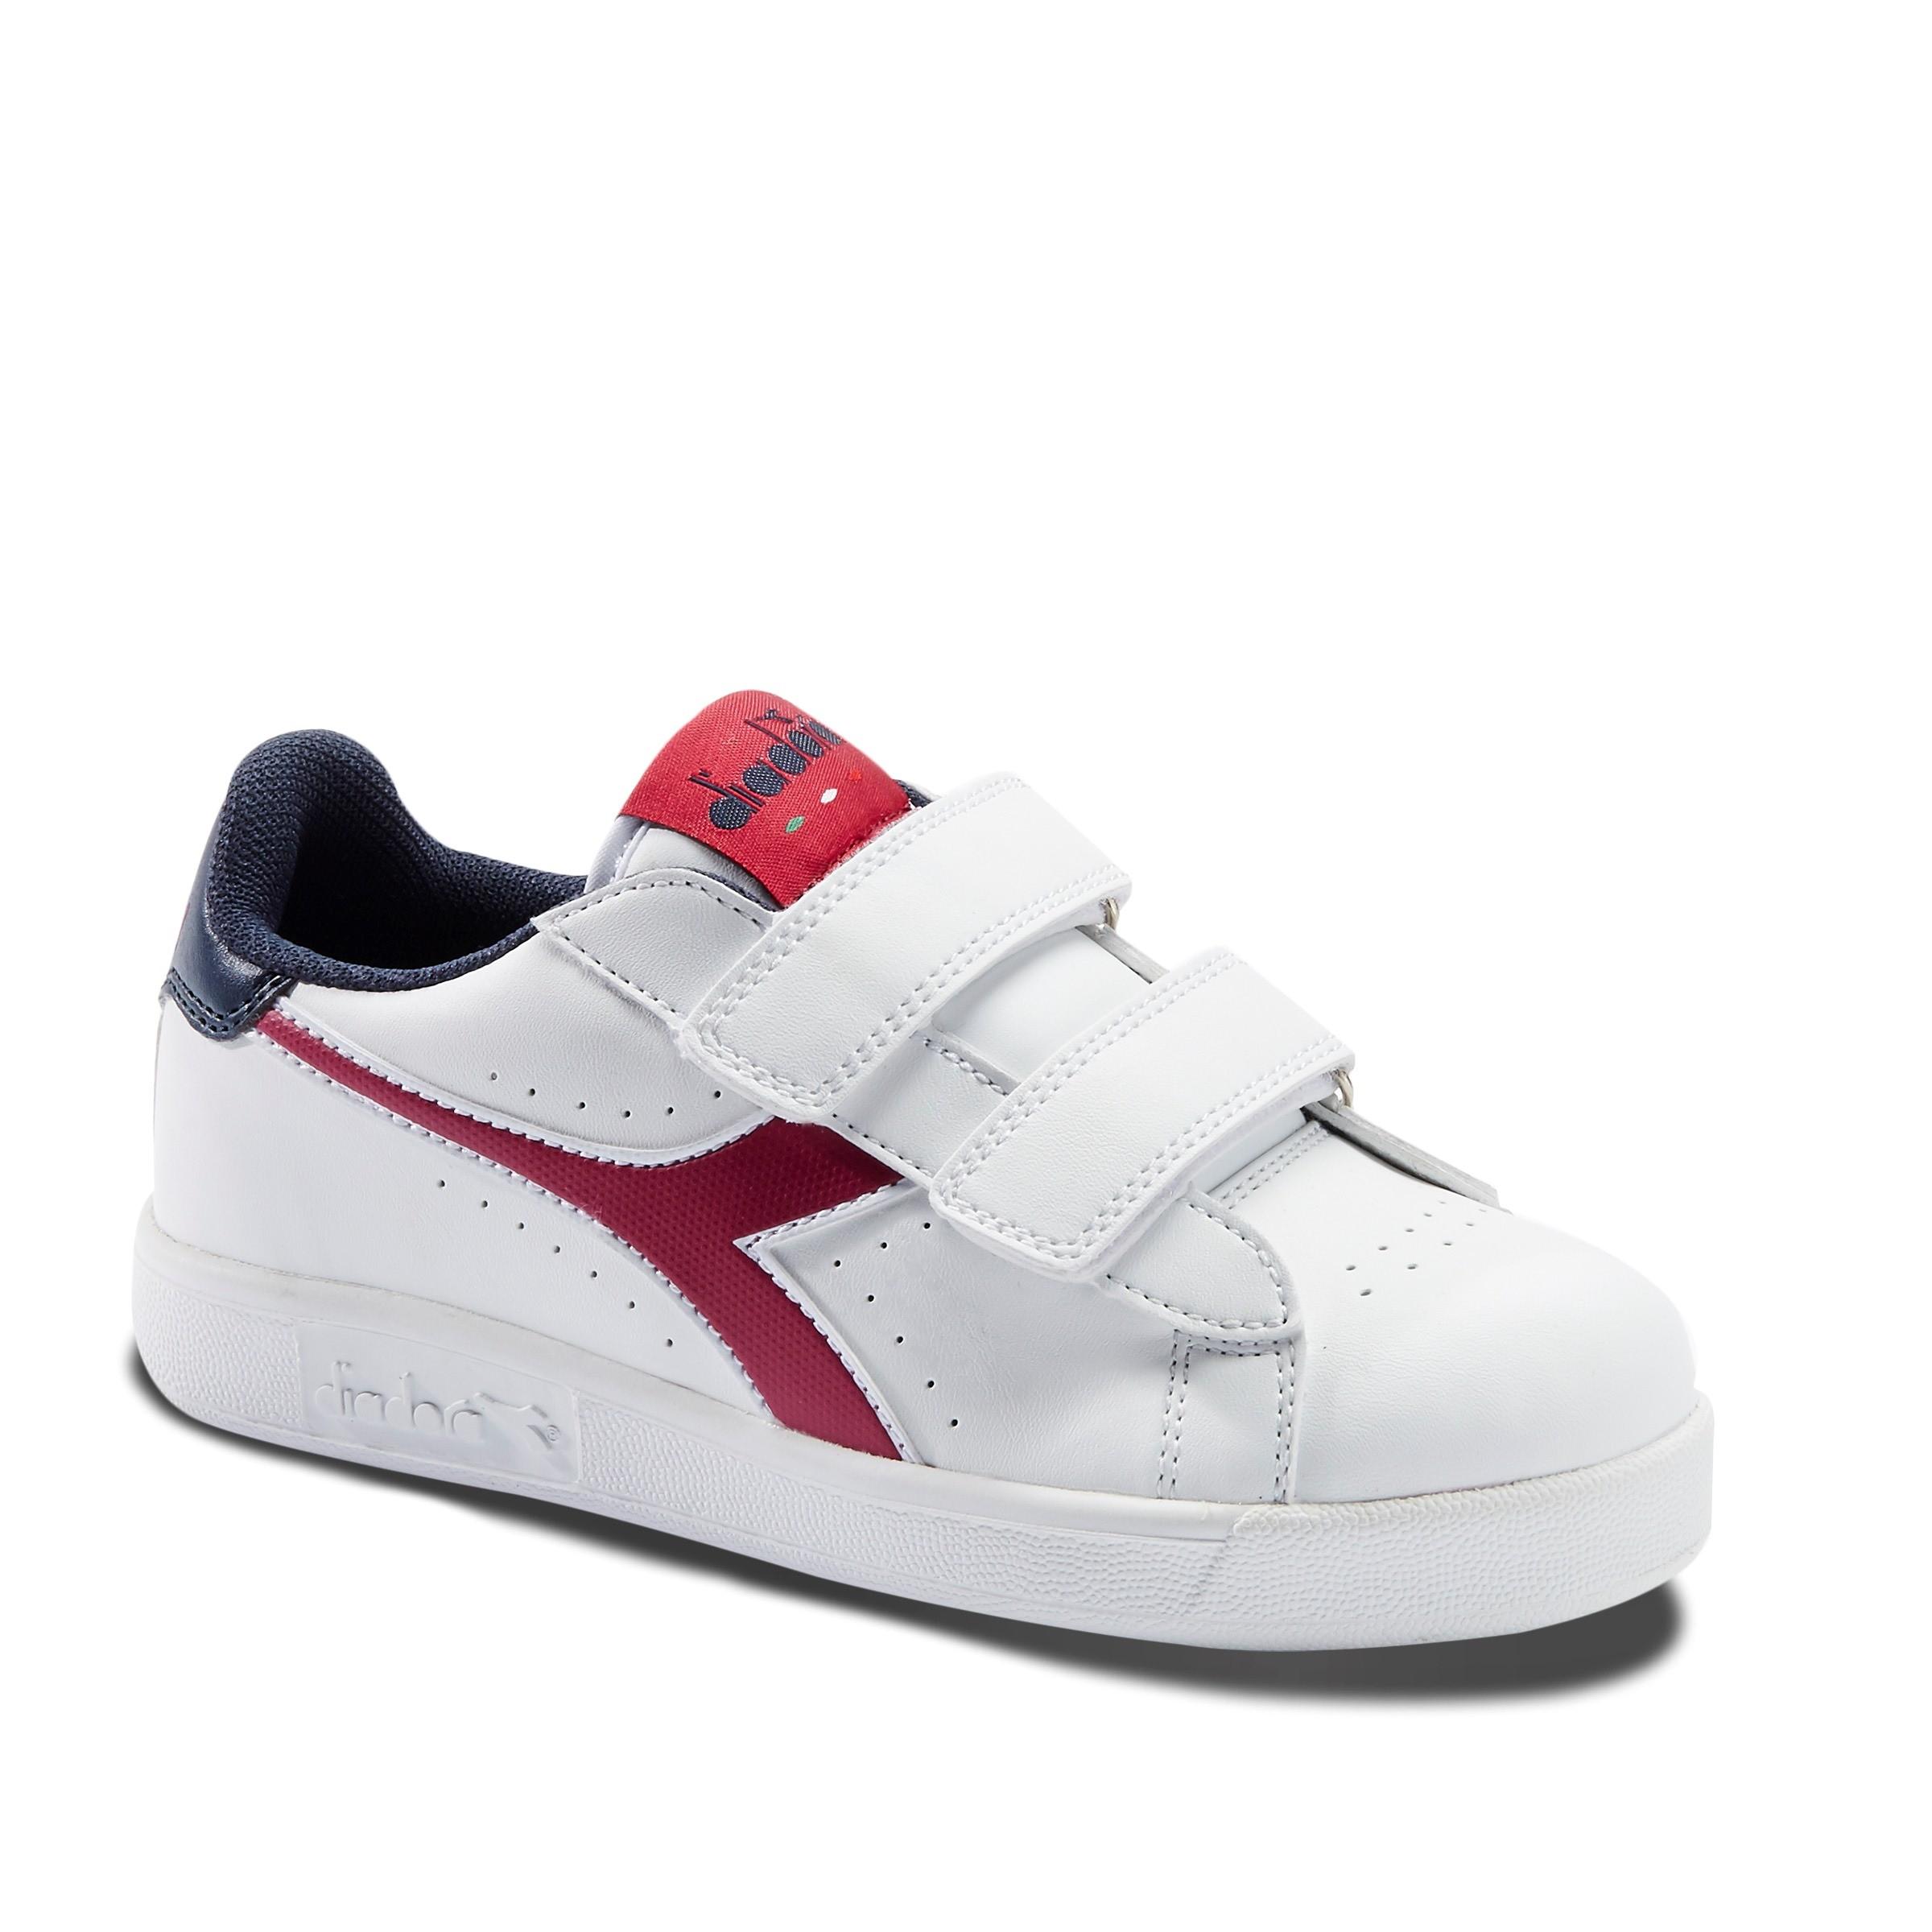 Acquista diadora sneakers bambino 2017 OFF36% sconti